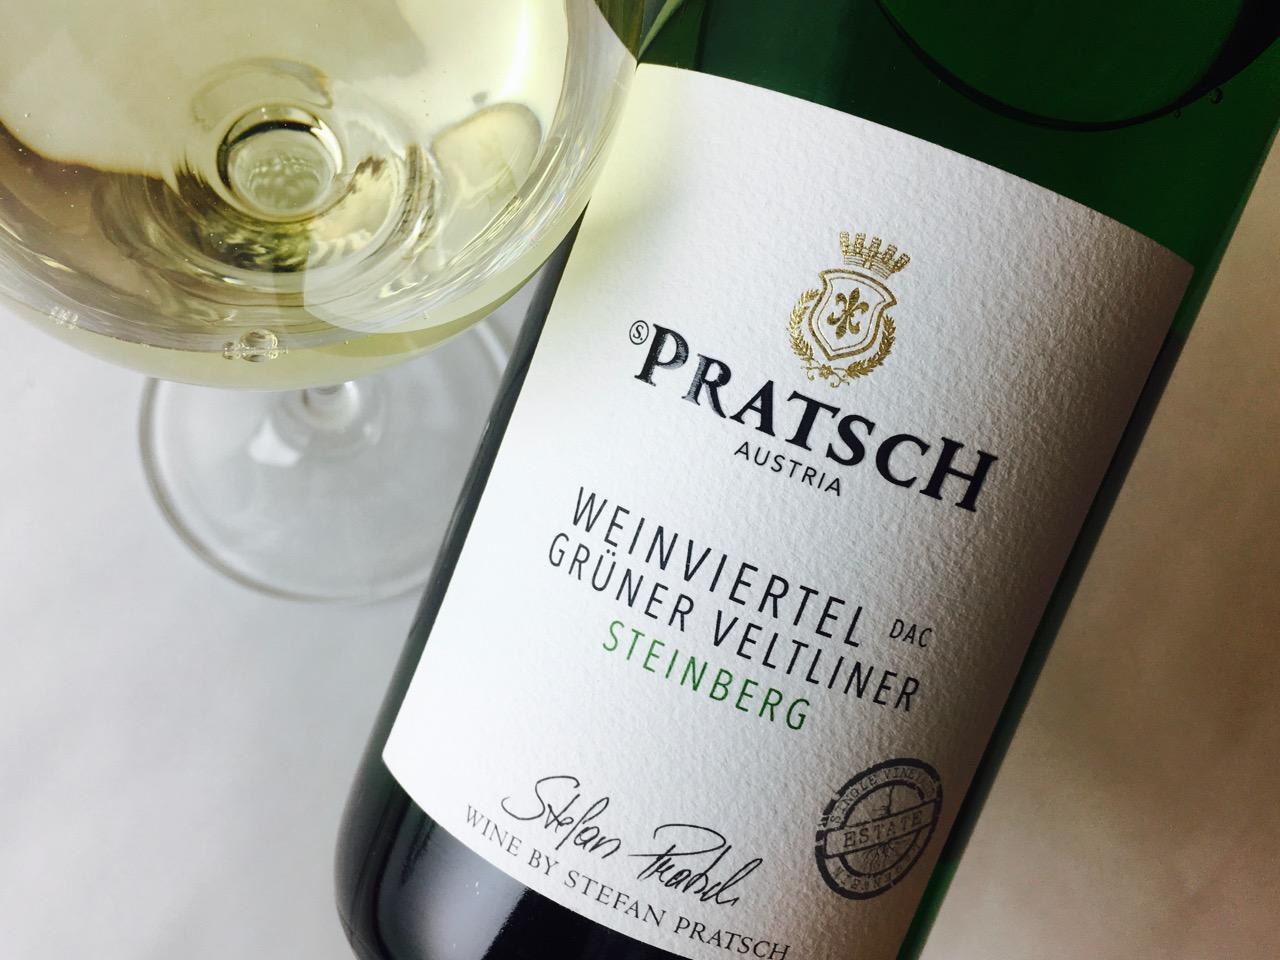 2015 Pratsch Grüner Veltliner Steinberg Weinviertel